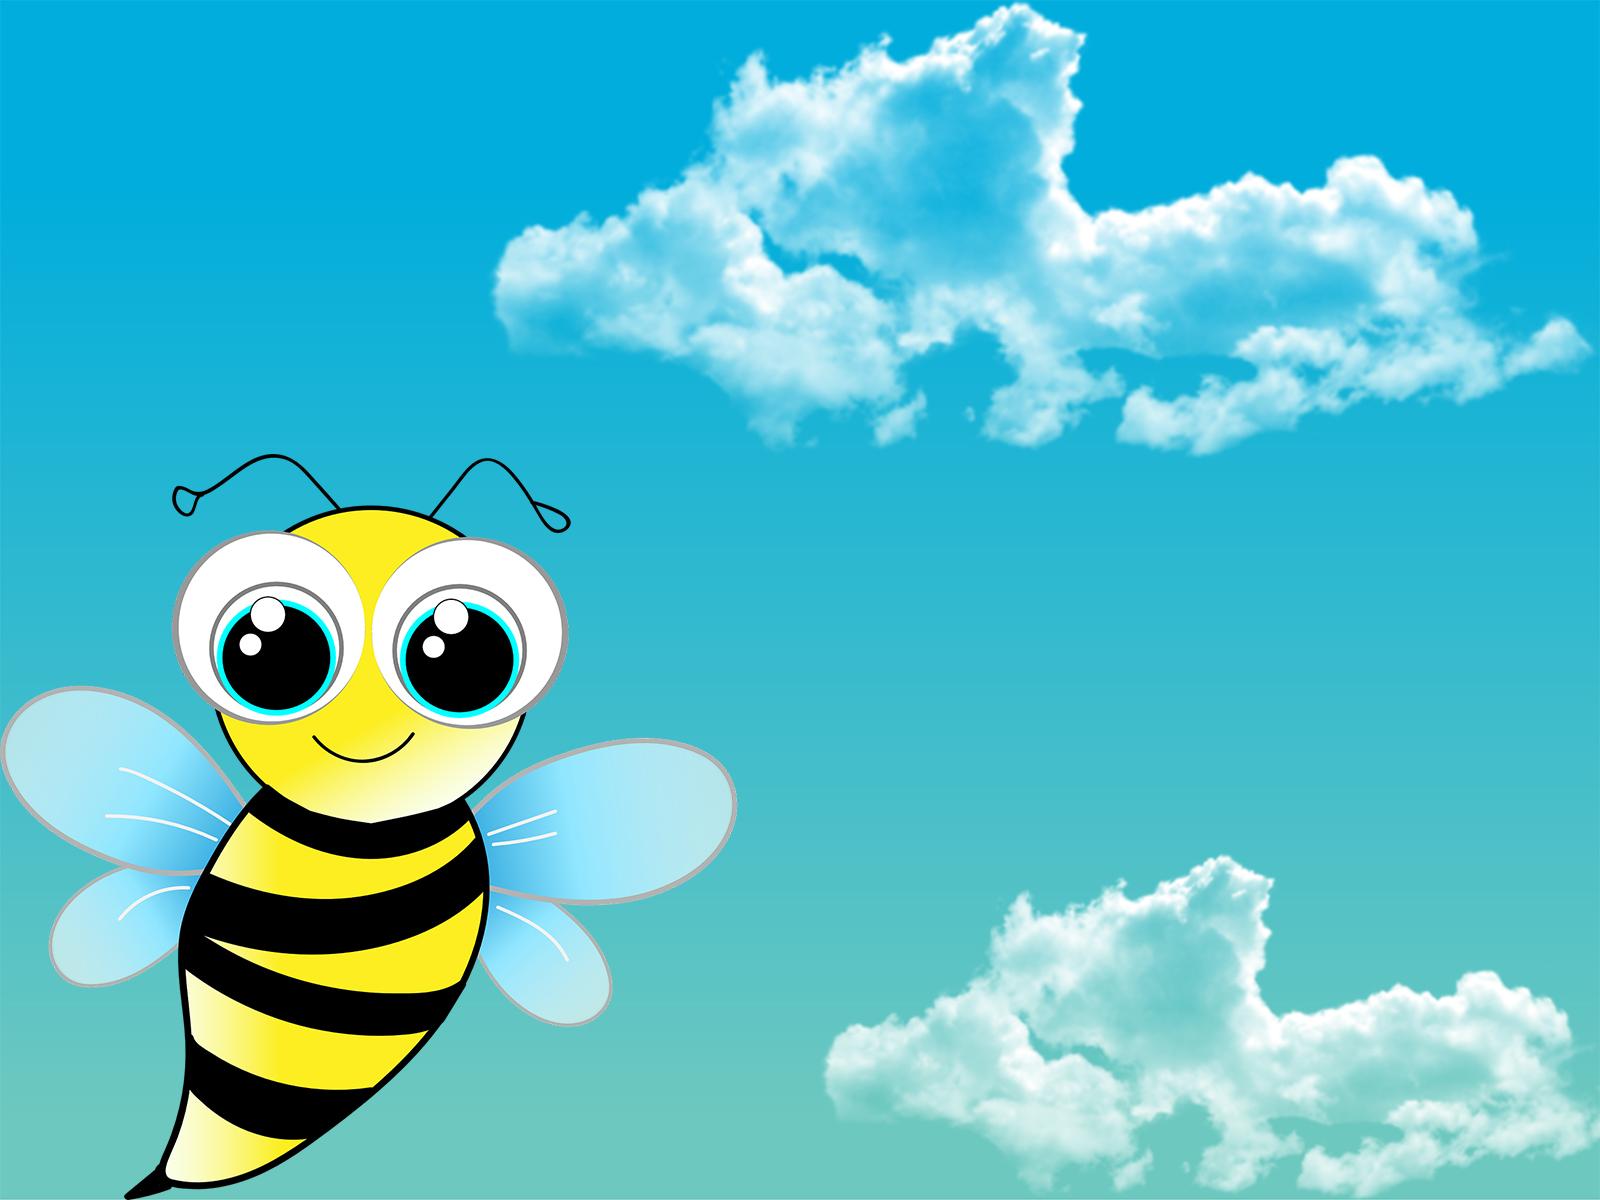 картинки пчелка проснулась узнаете как бересты